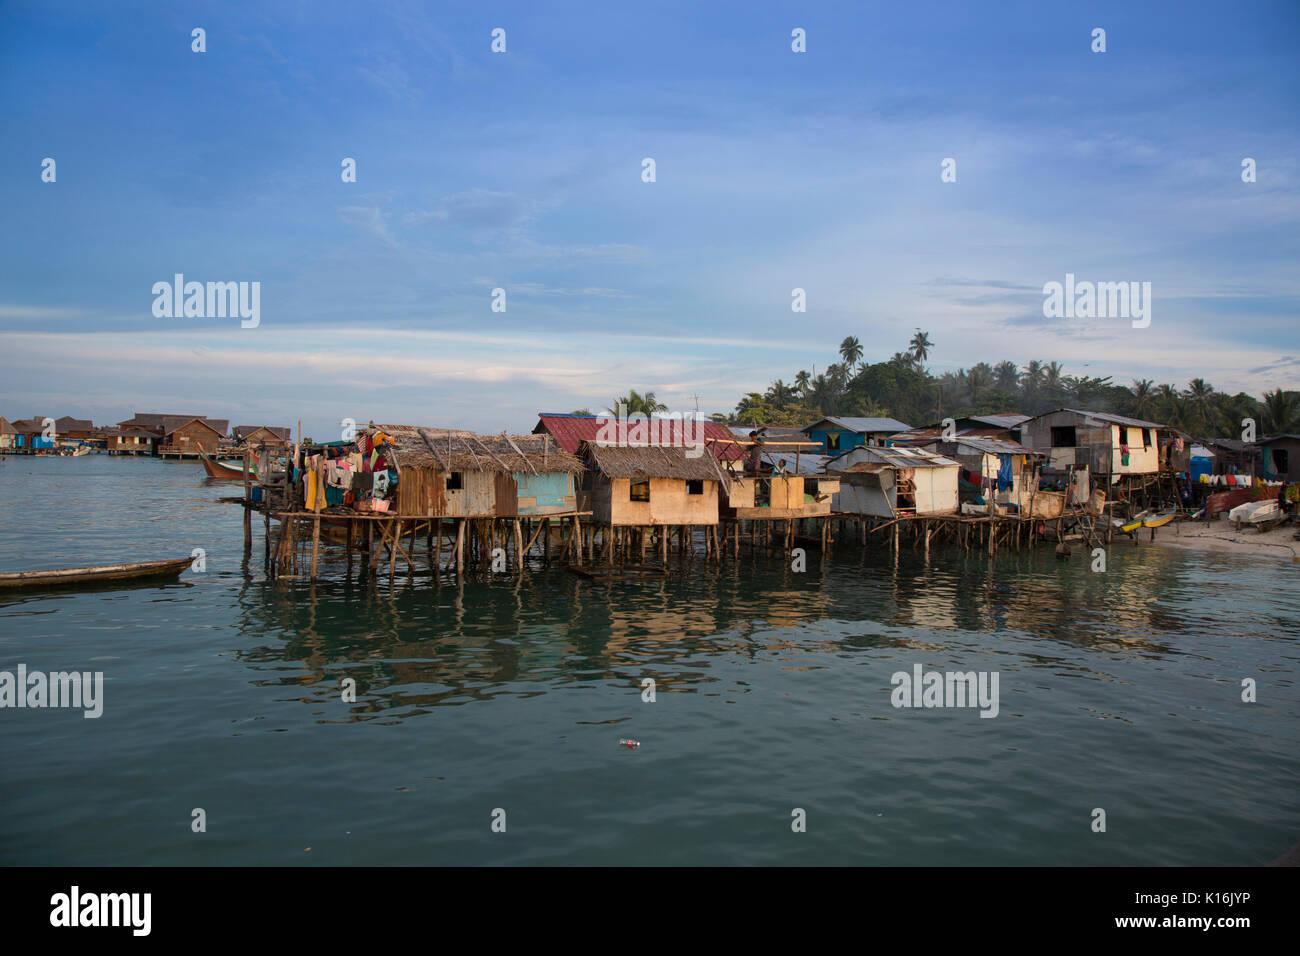 Viviendas minimalista sobre pilotes en el barrio pobre de Mabul Island, Borneo Imagen De Stock